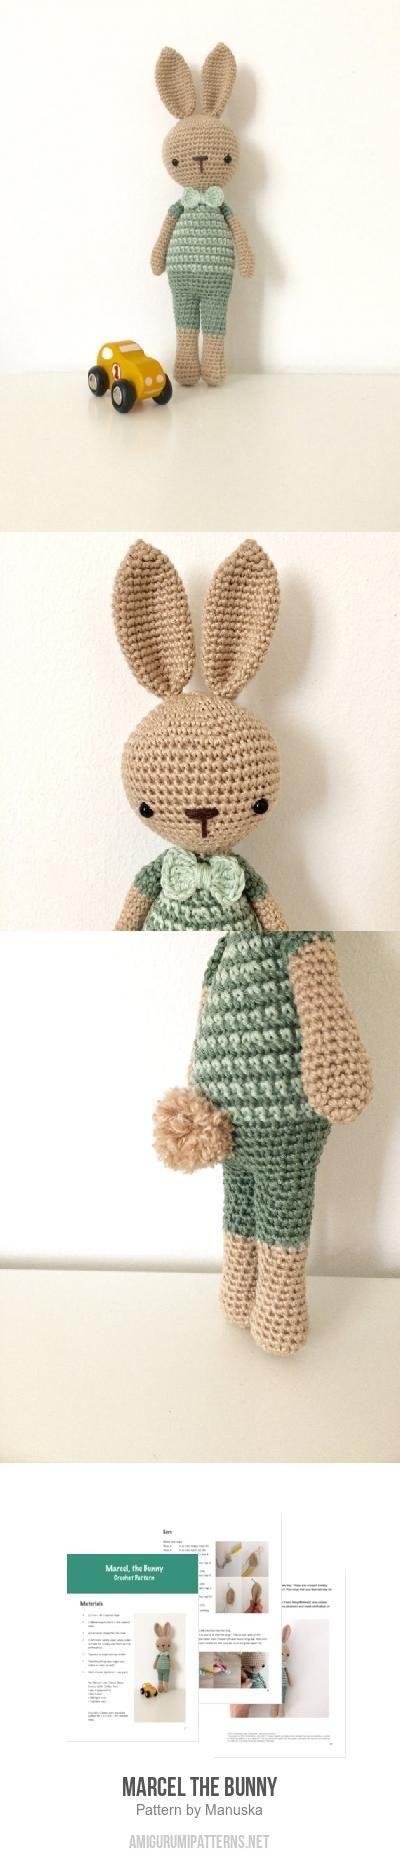 Marcel The Bunny Amigurumi Pattern